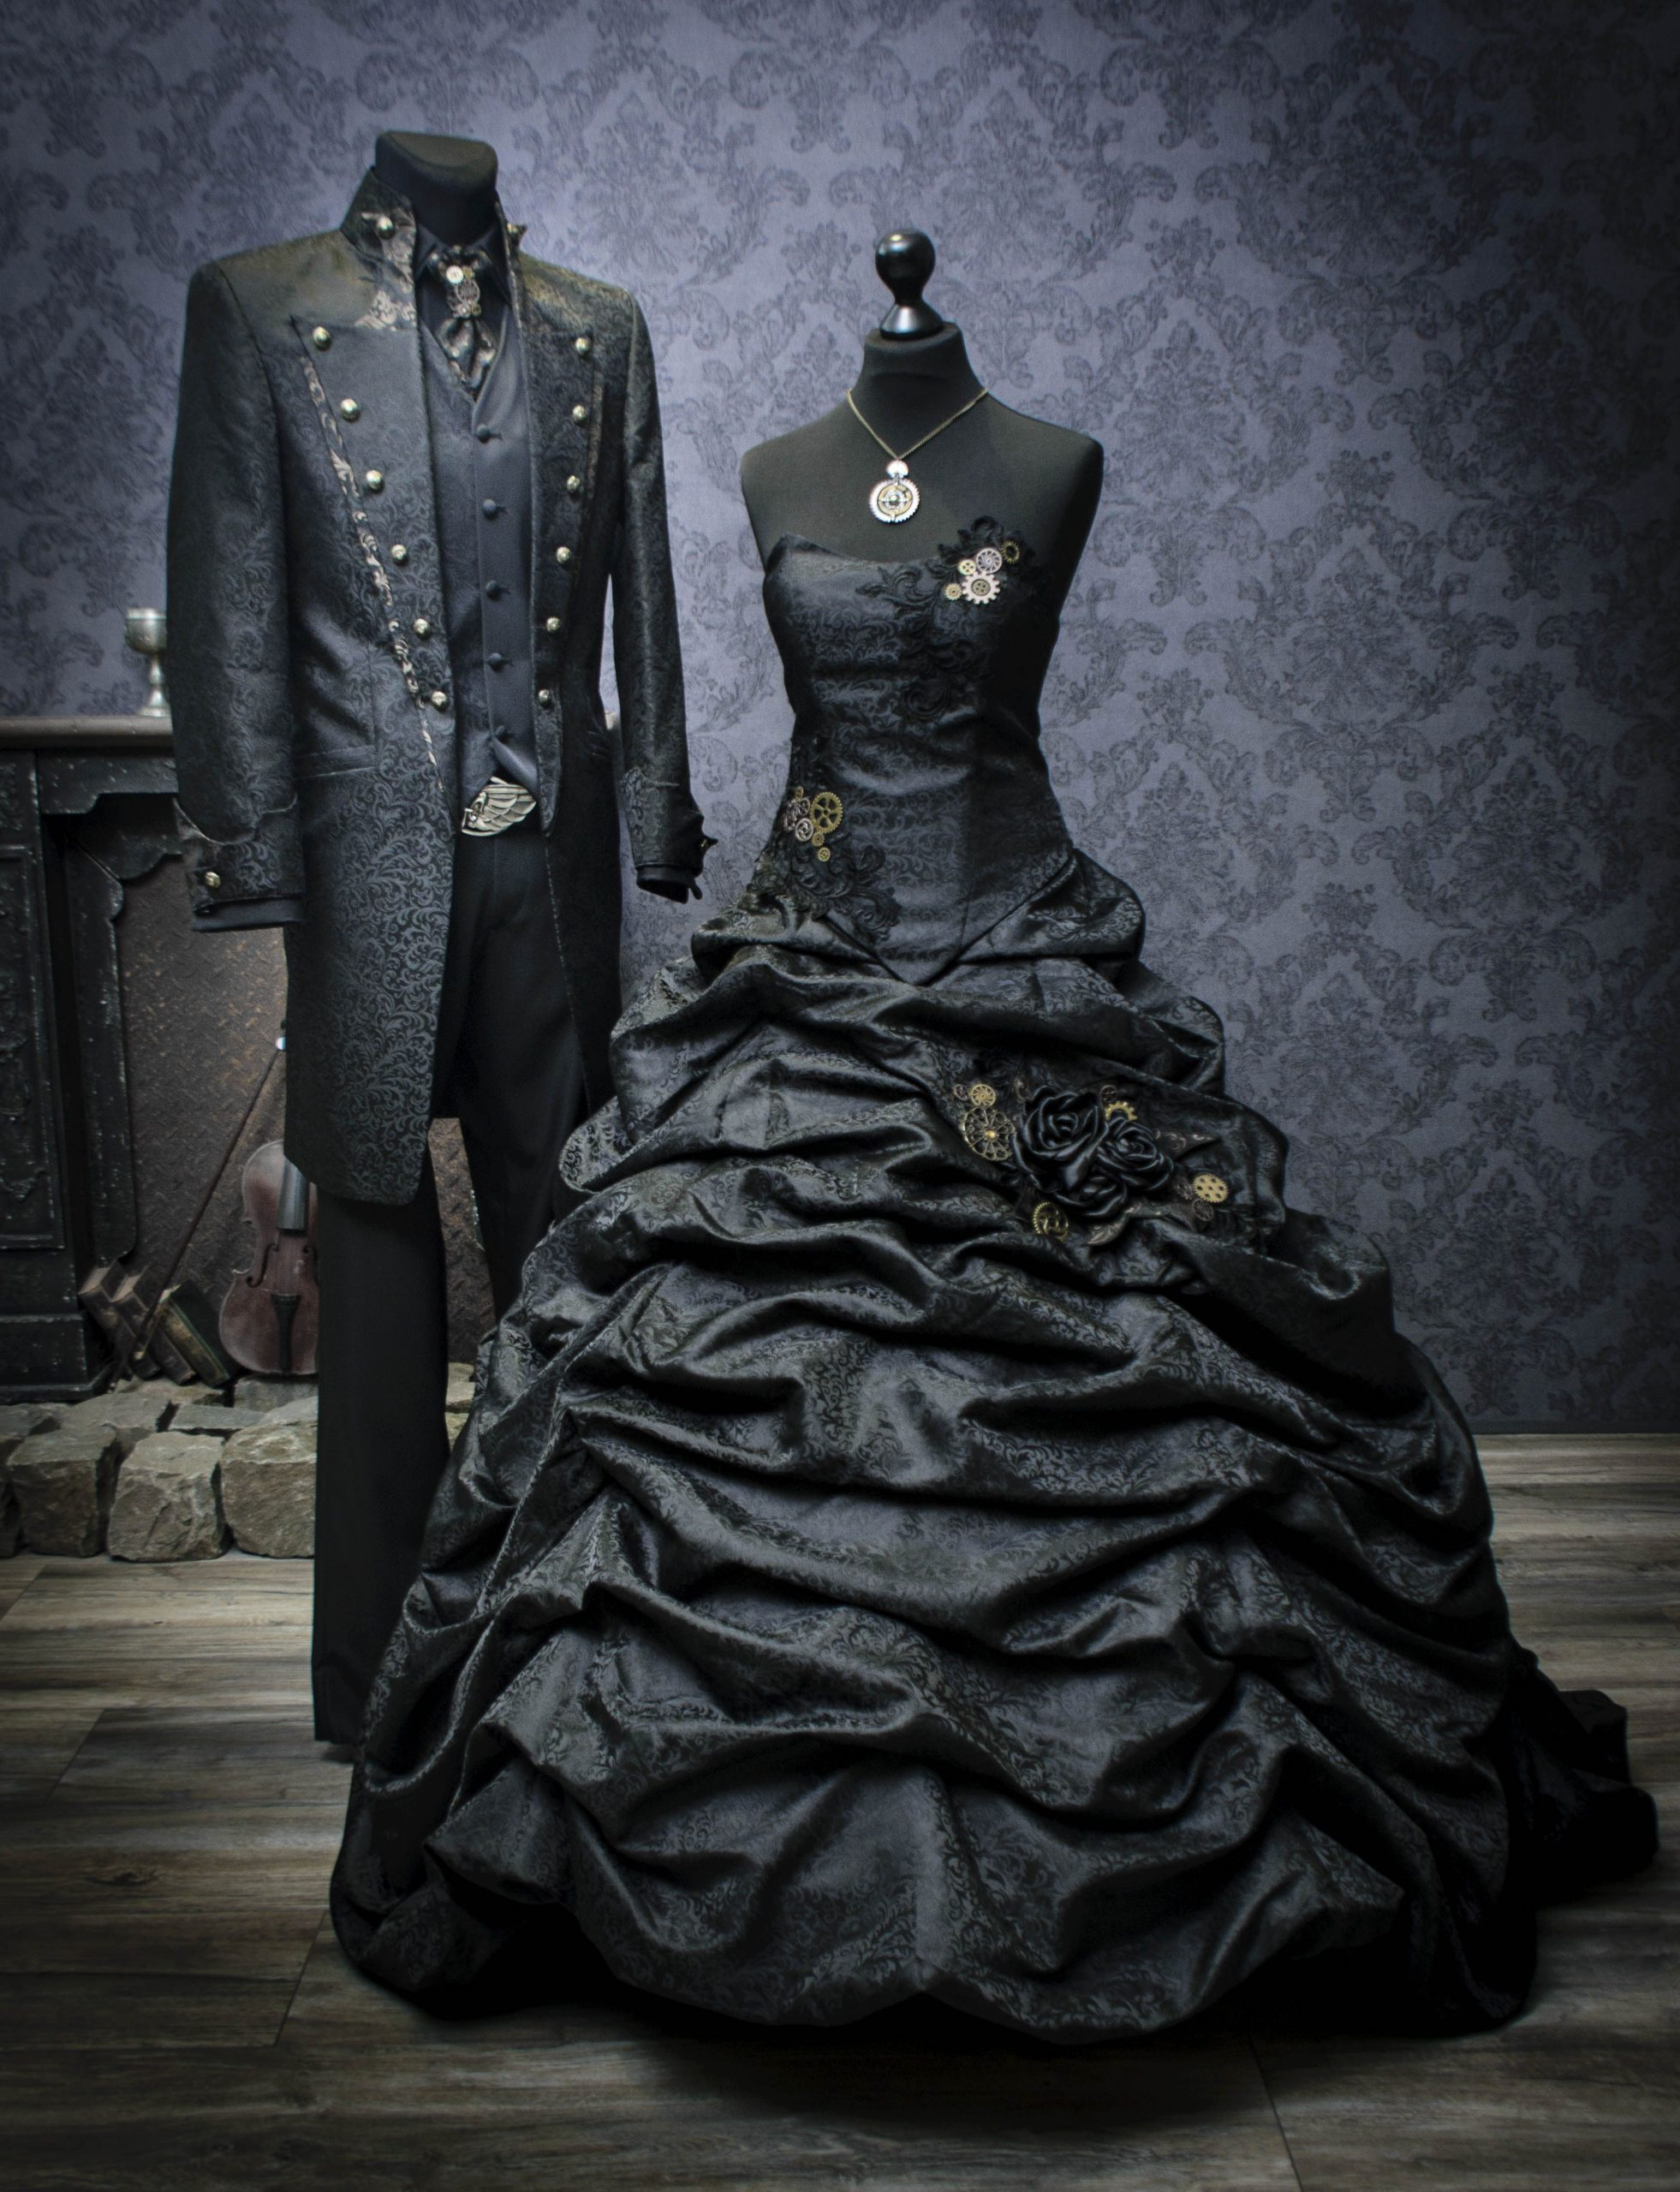 Extravagantes Brautkleid Für Die Steampunk-Hochzeit. Das